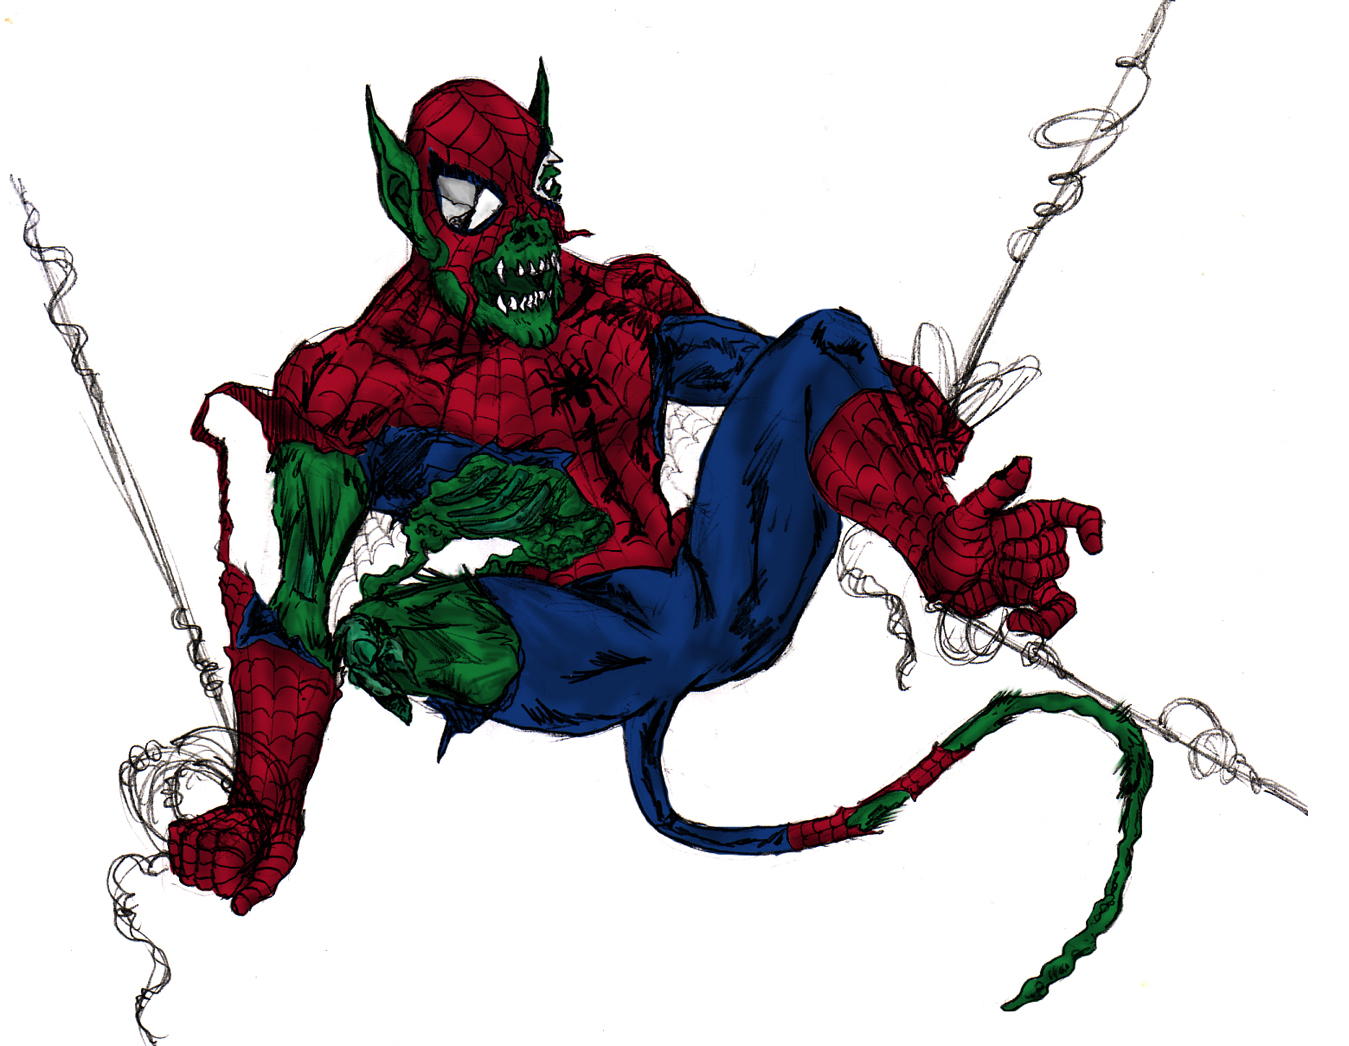 MARVEL Zombie, Skrull, Ape Spider-Man